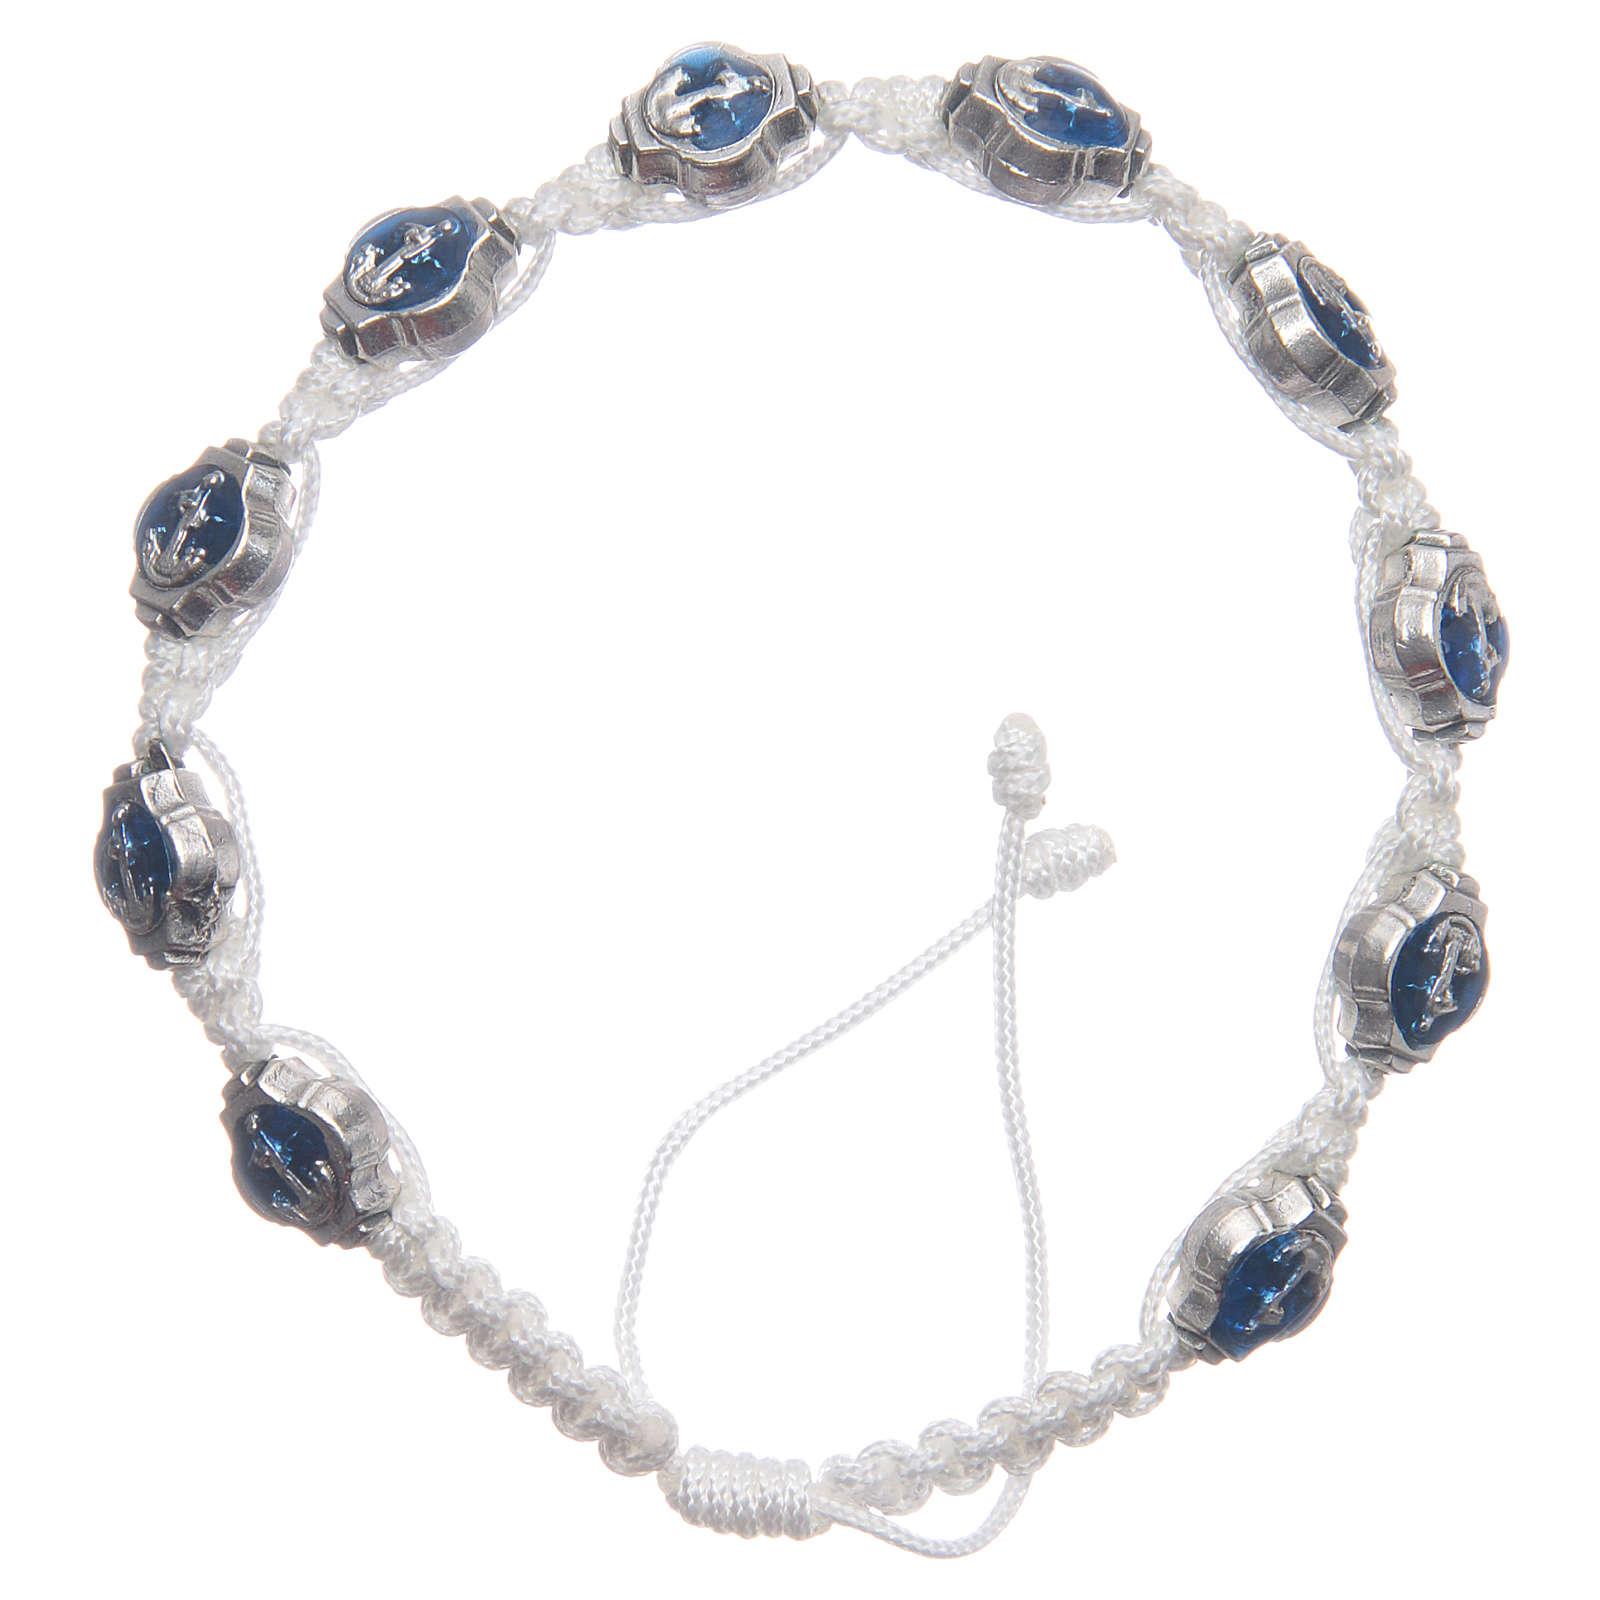 Braccialetto Medjugorje smalti blu corda bianca 4